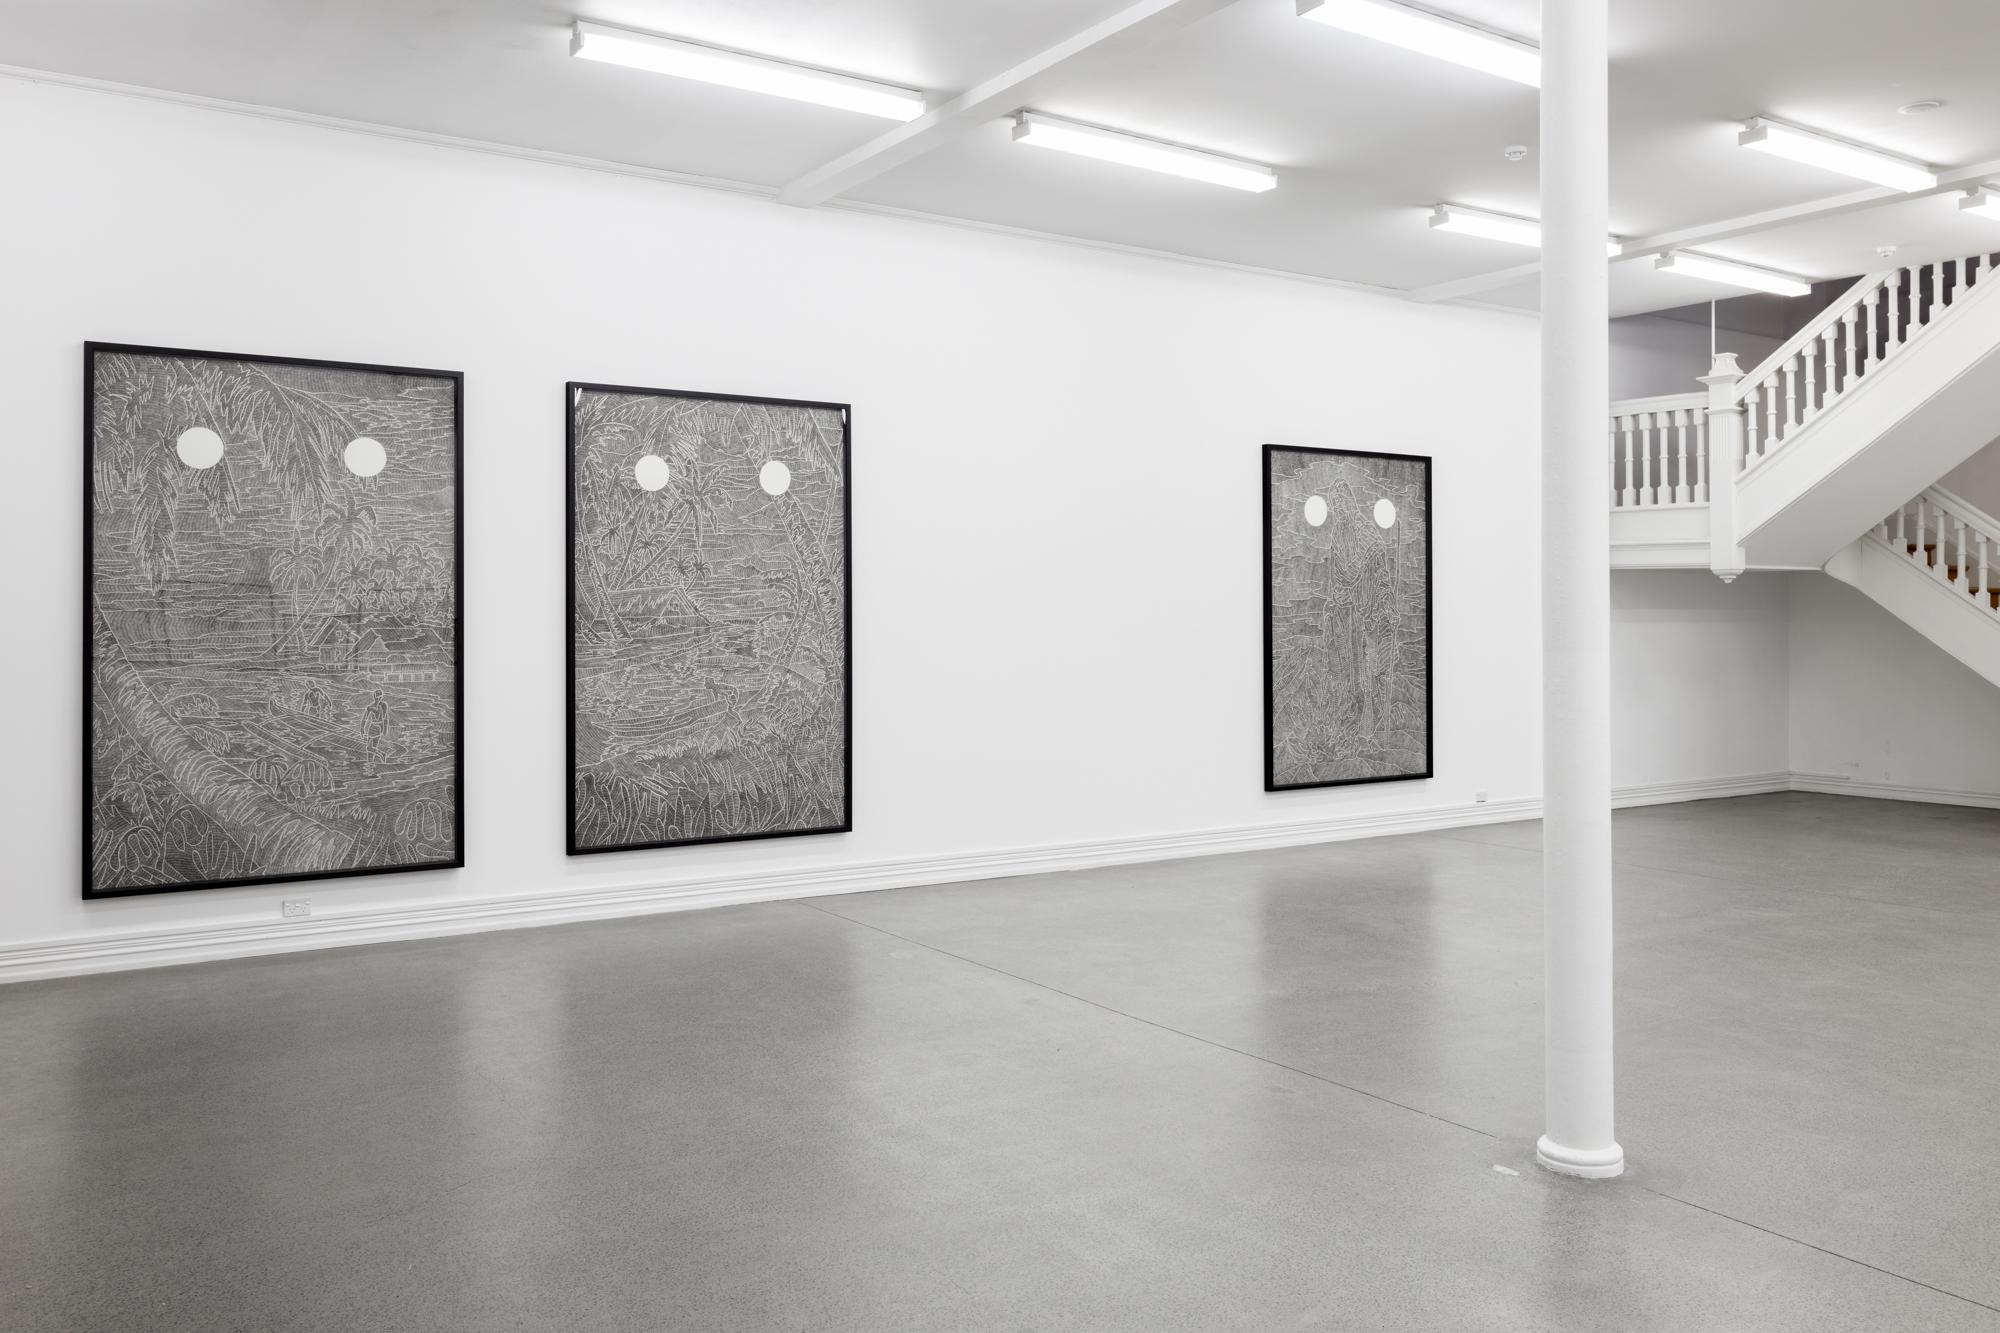 Laith McGregor,  Swallow the Sun , installation view, Starkwhite, 2017